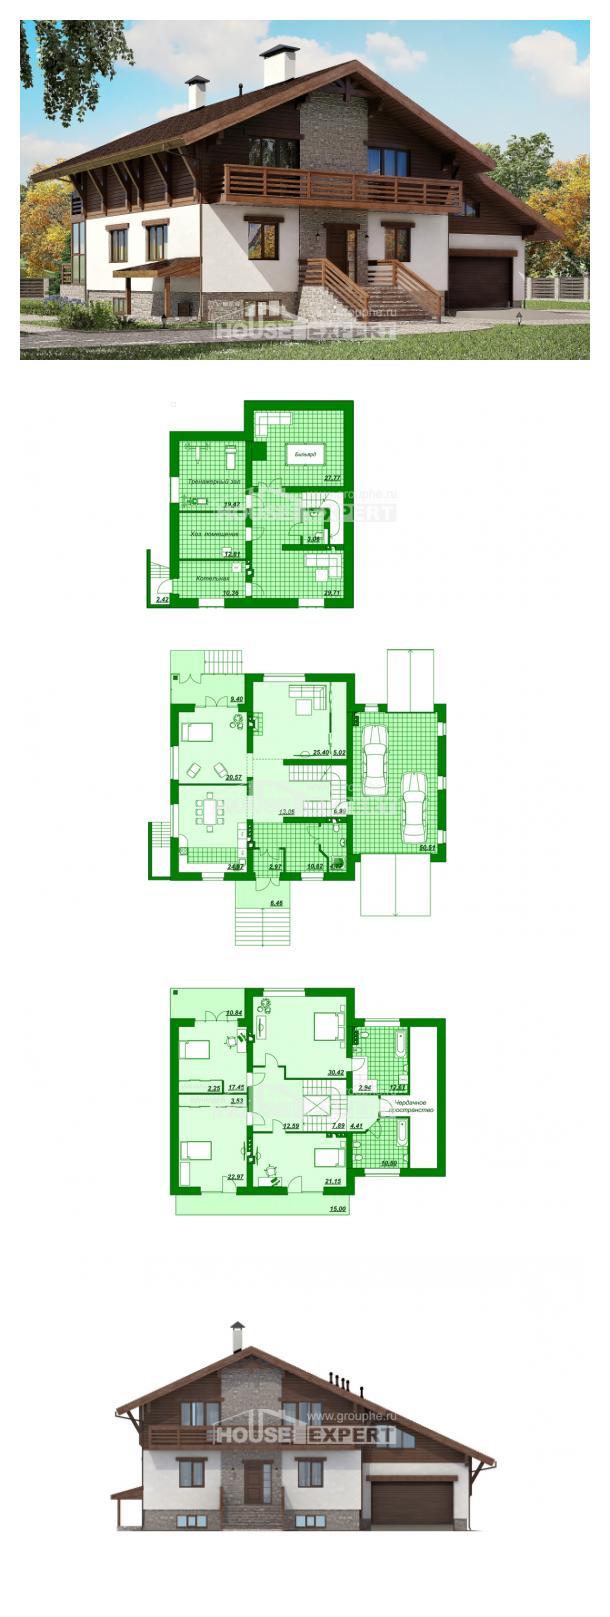 Proyecto de casa 420-001-R | House Expert